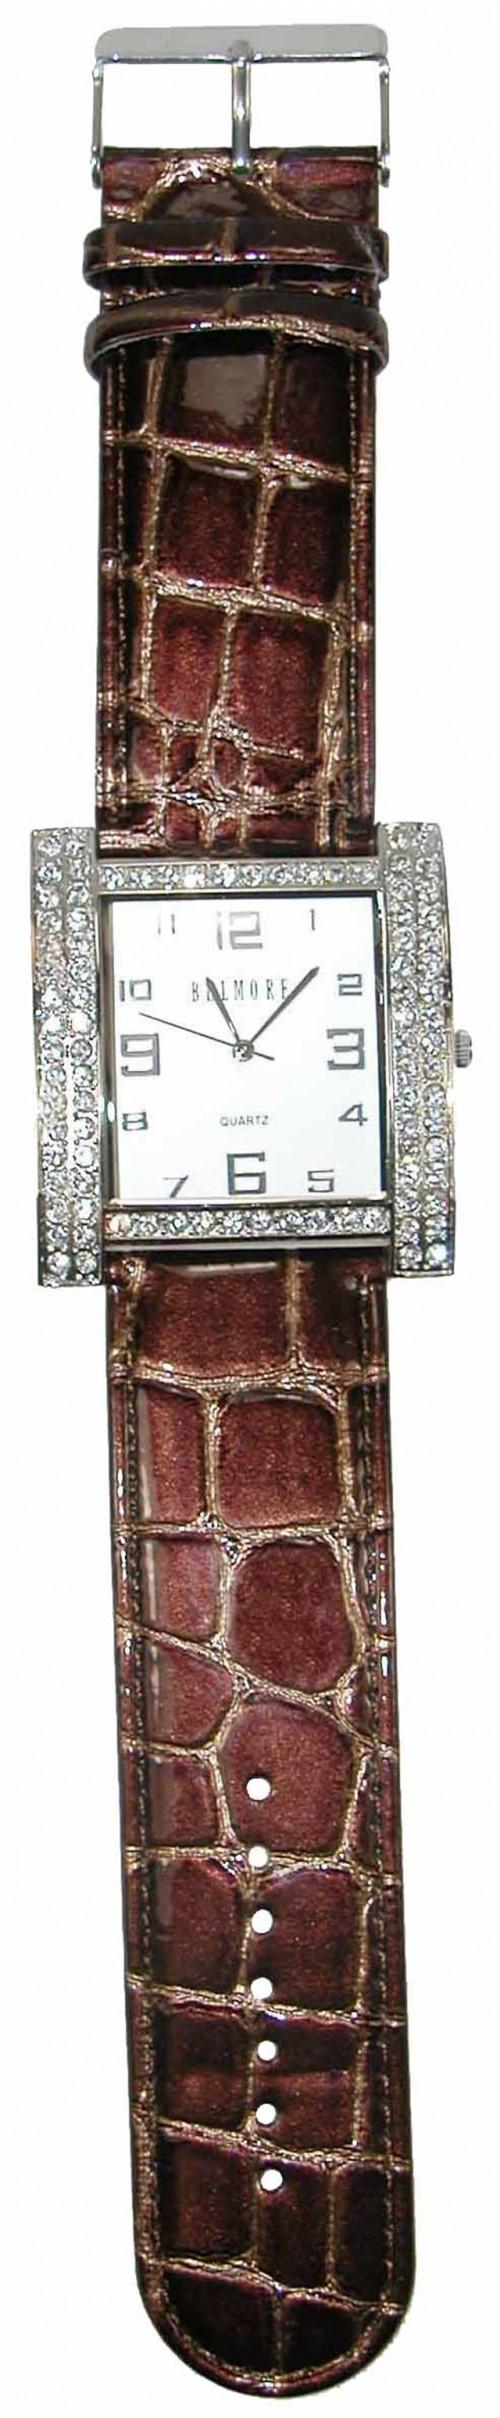 Damskie zegarki Bijou Brigitte - Zdjęcie 1